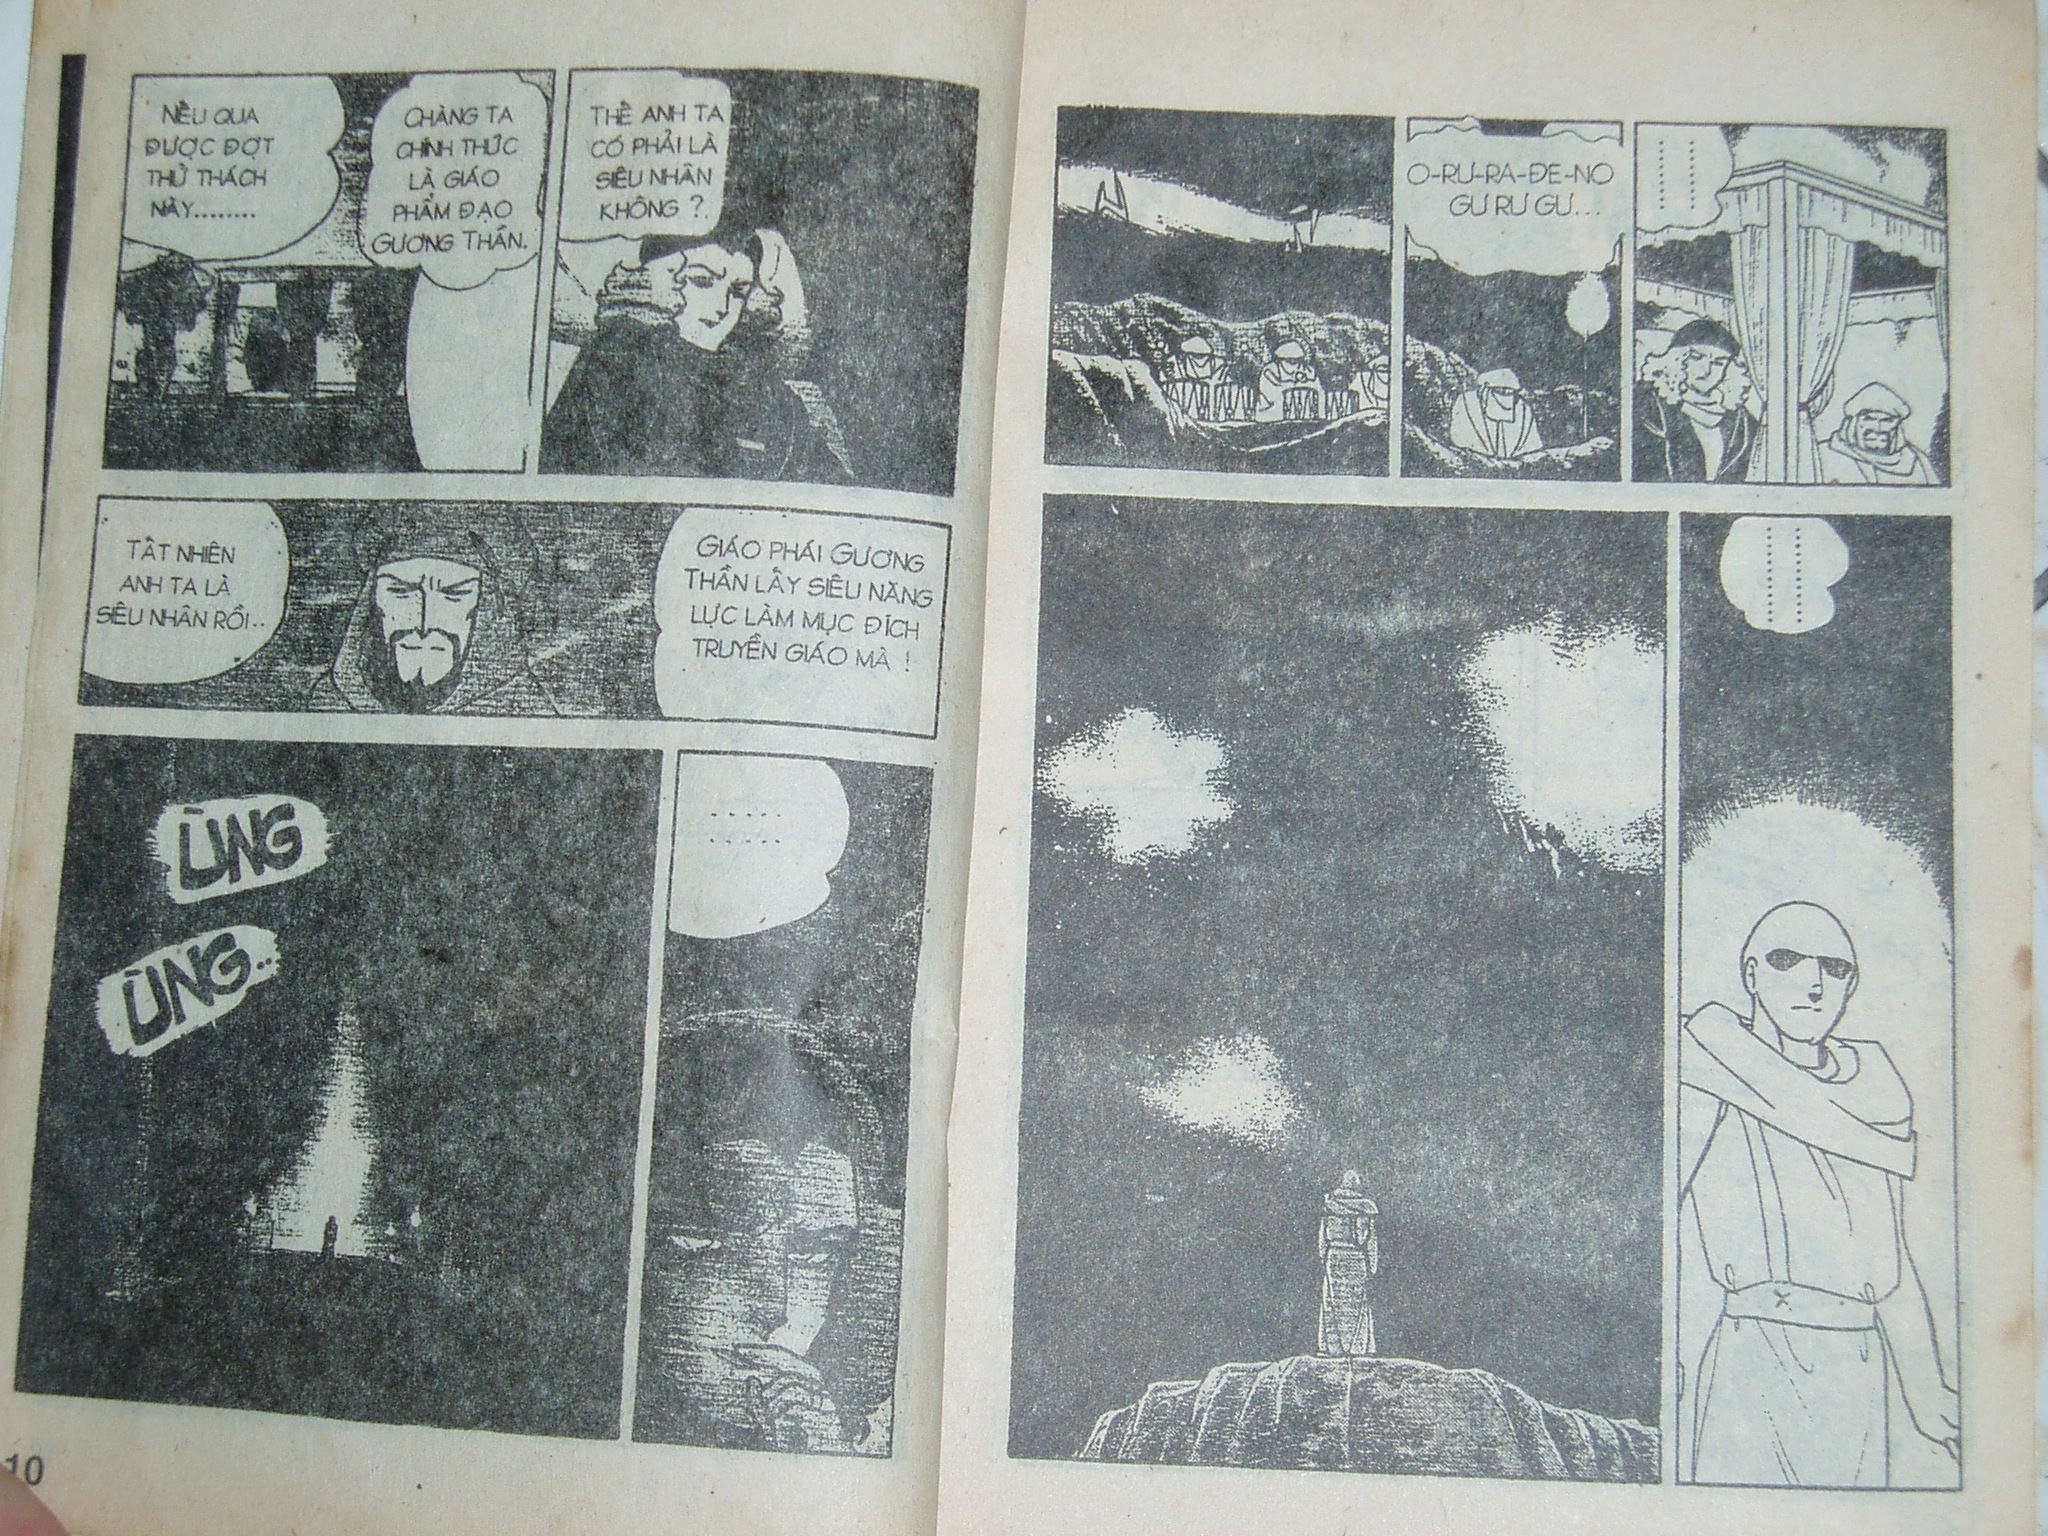 Siêu nhân Locke vol 17 trang 4